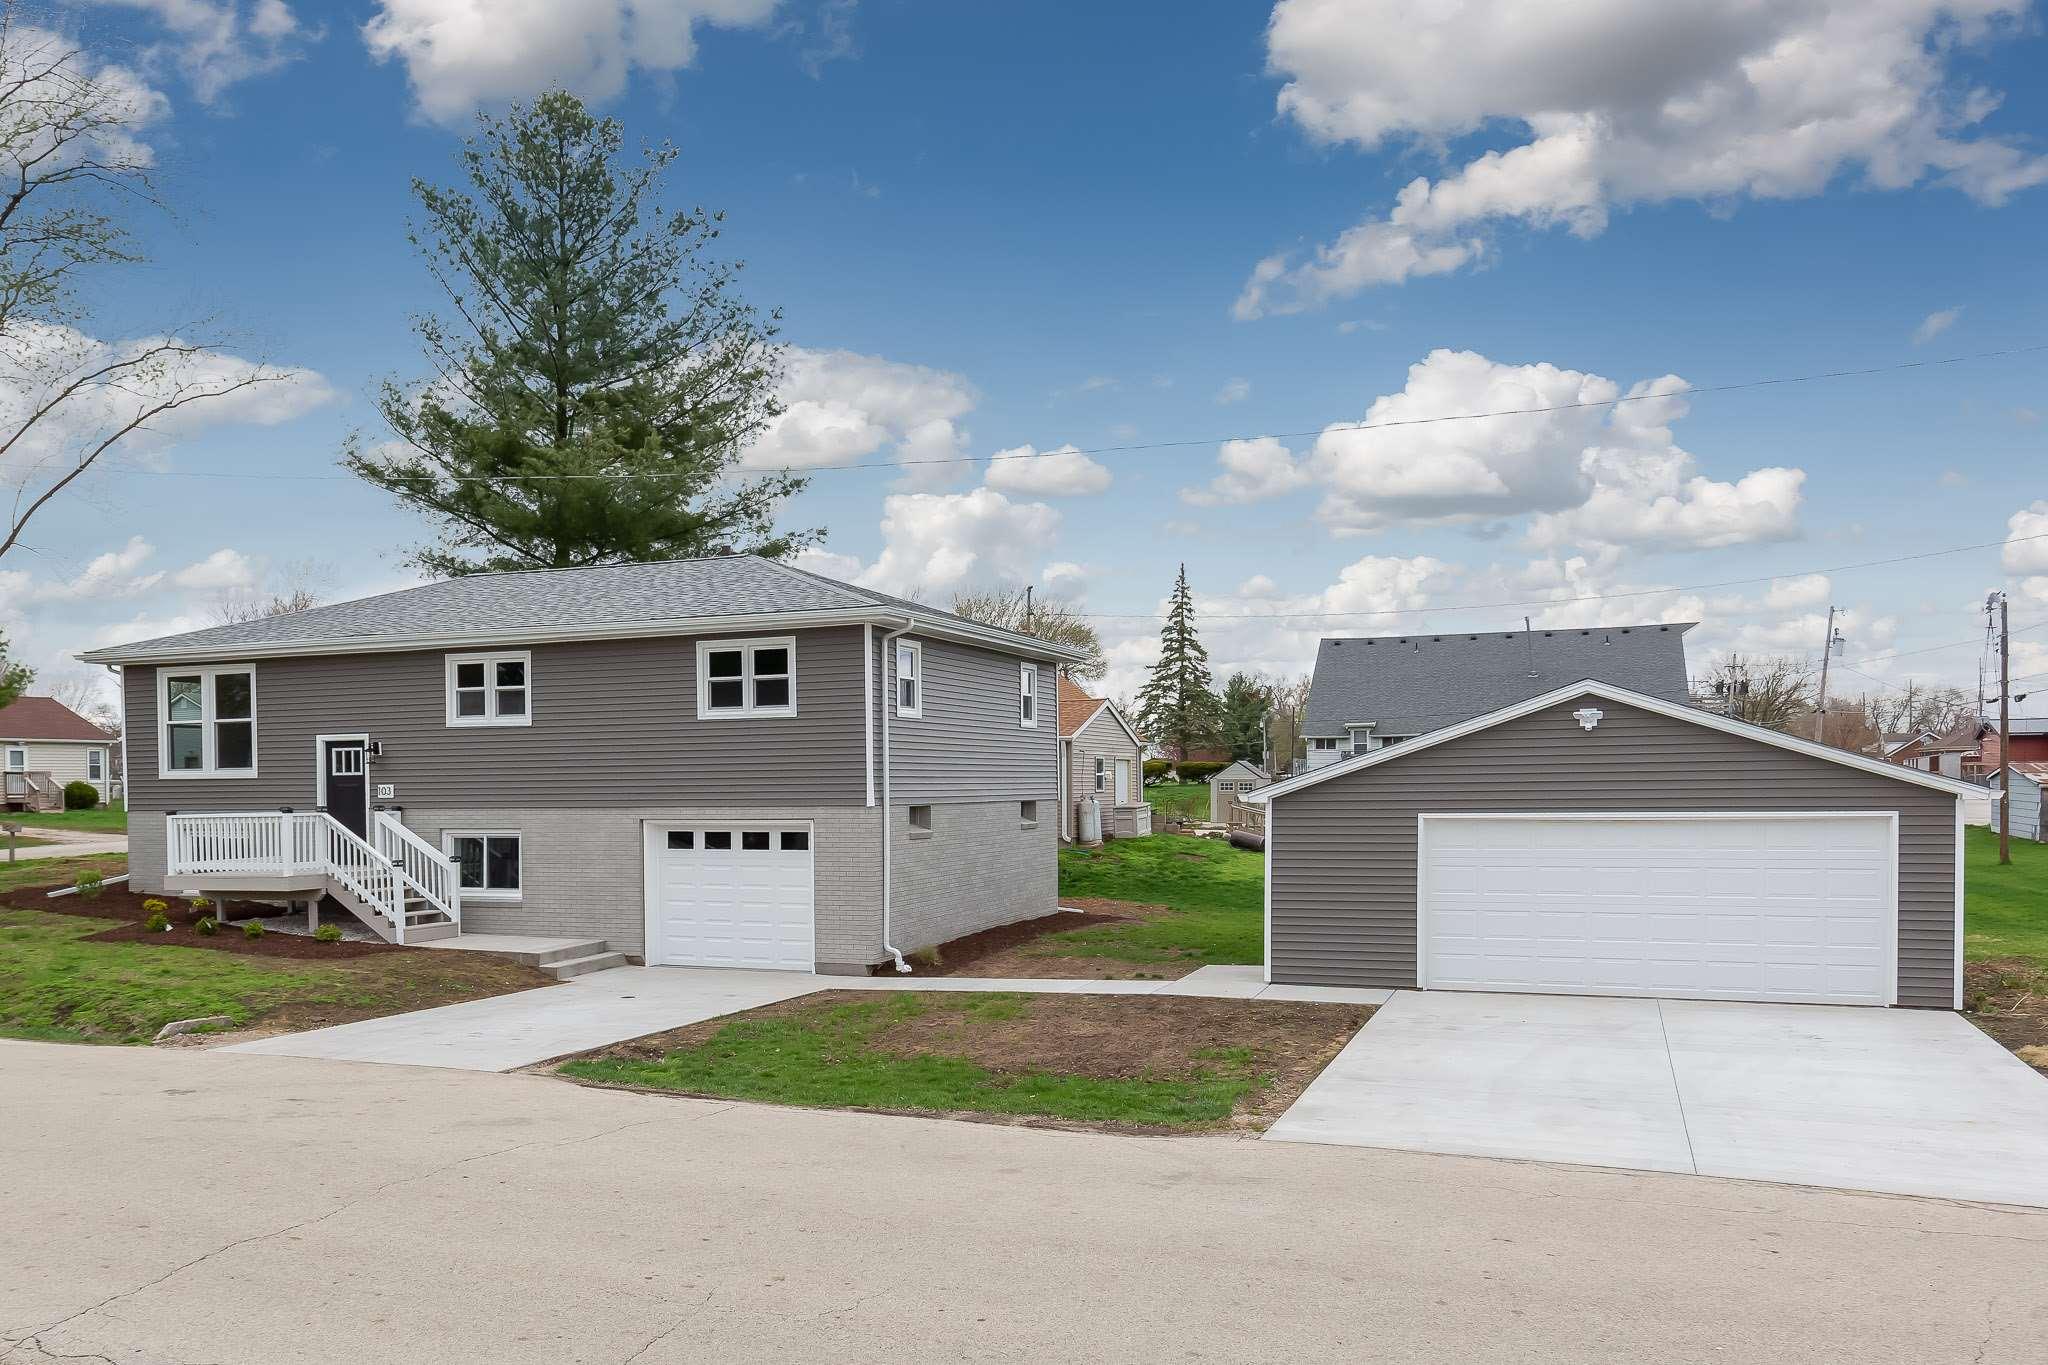 103 8TH Property Photo - Colona, IL real estate listing